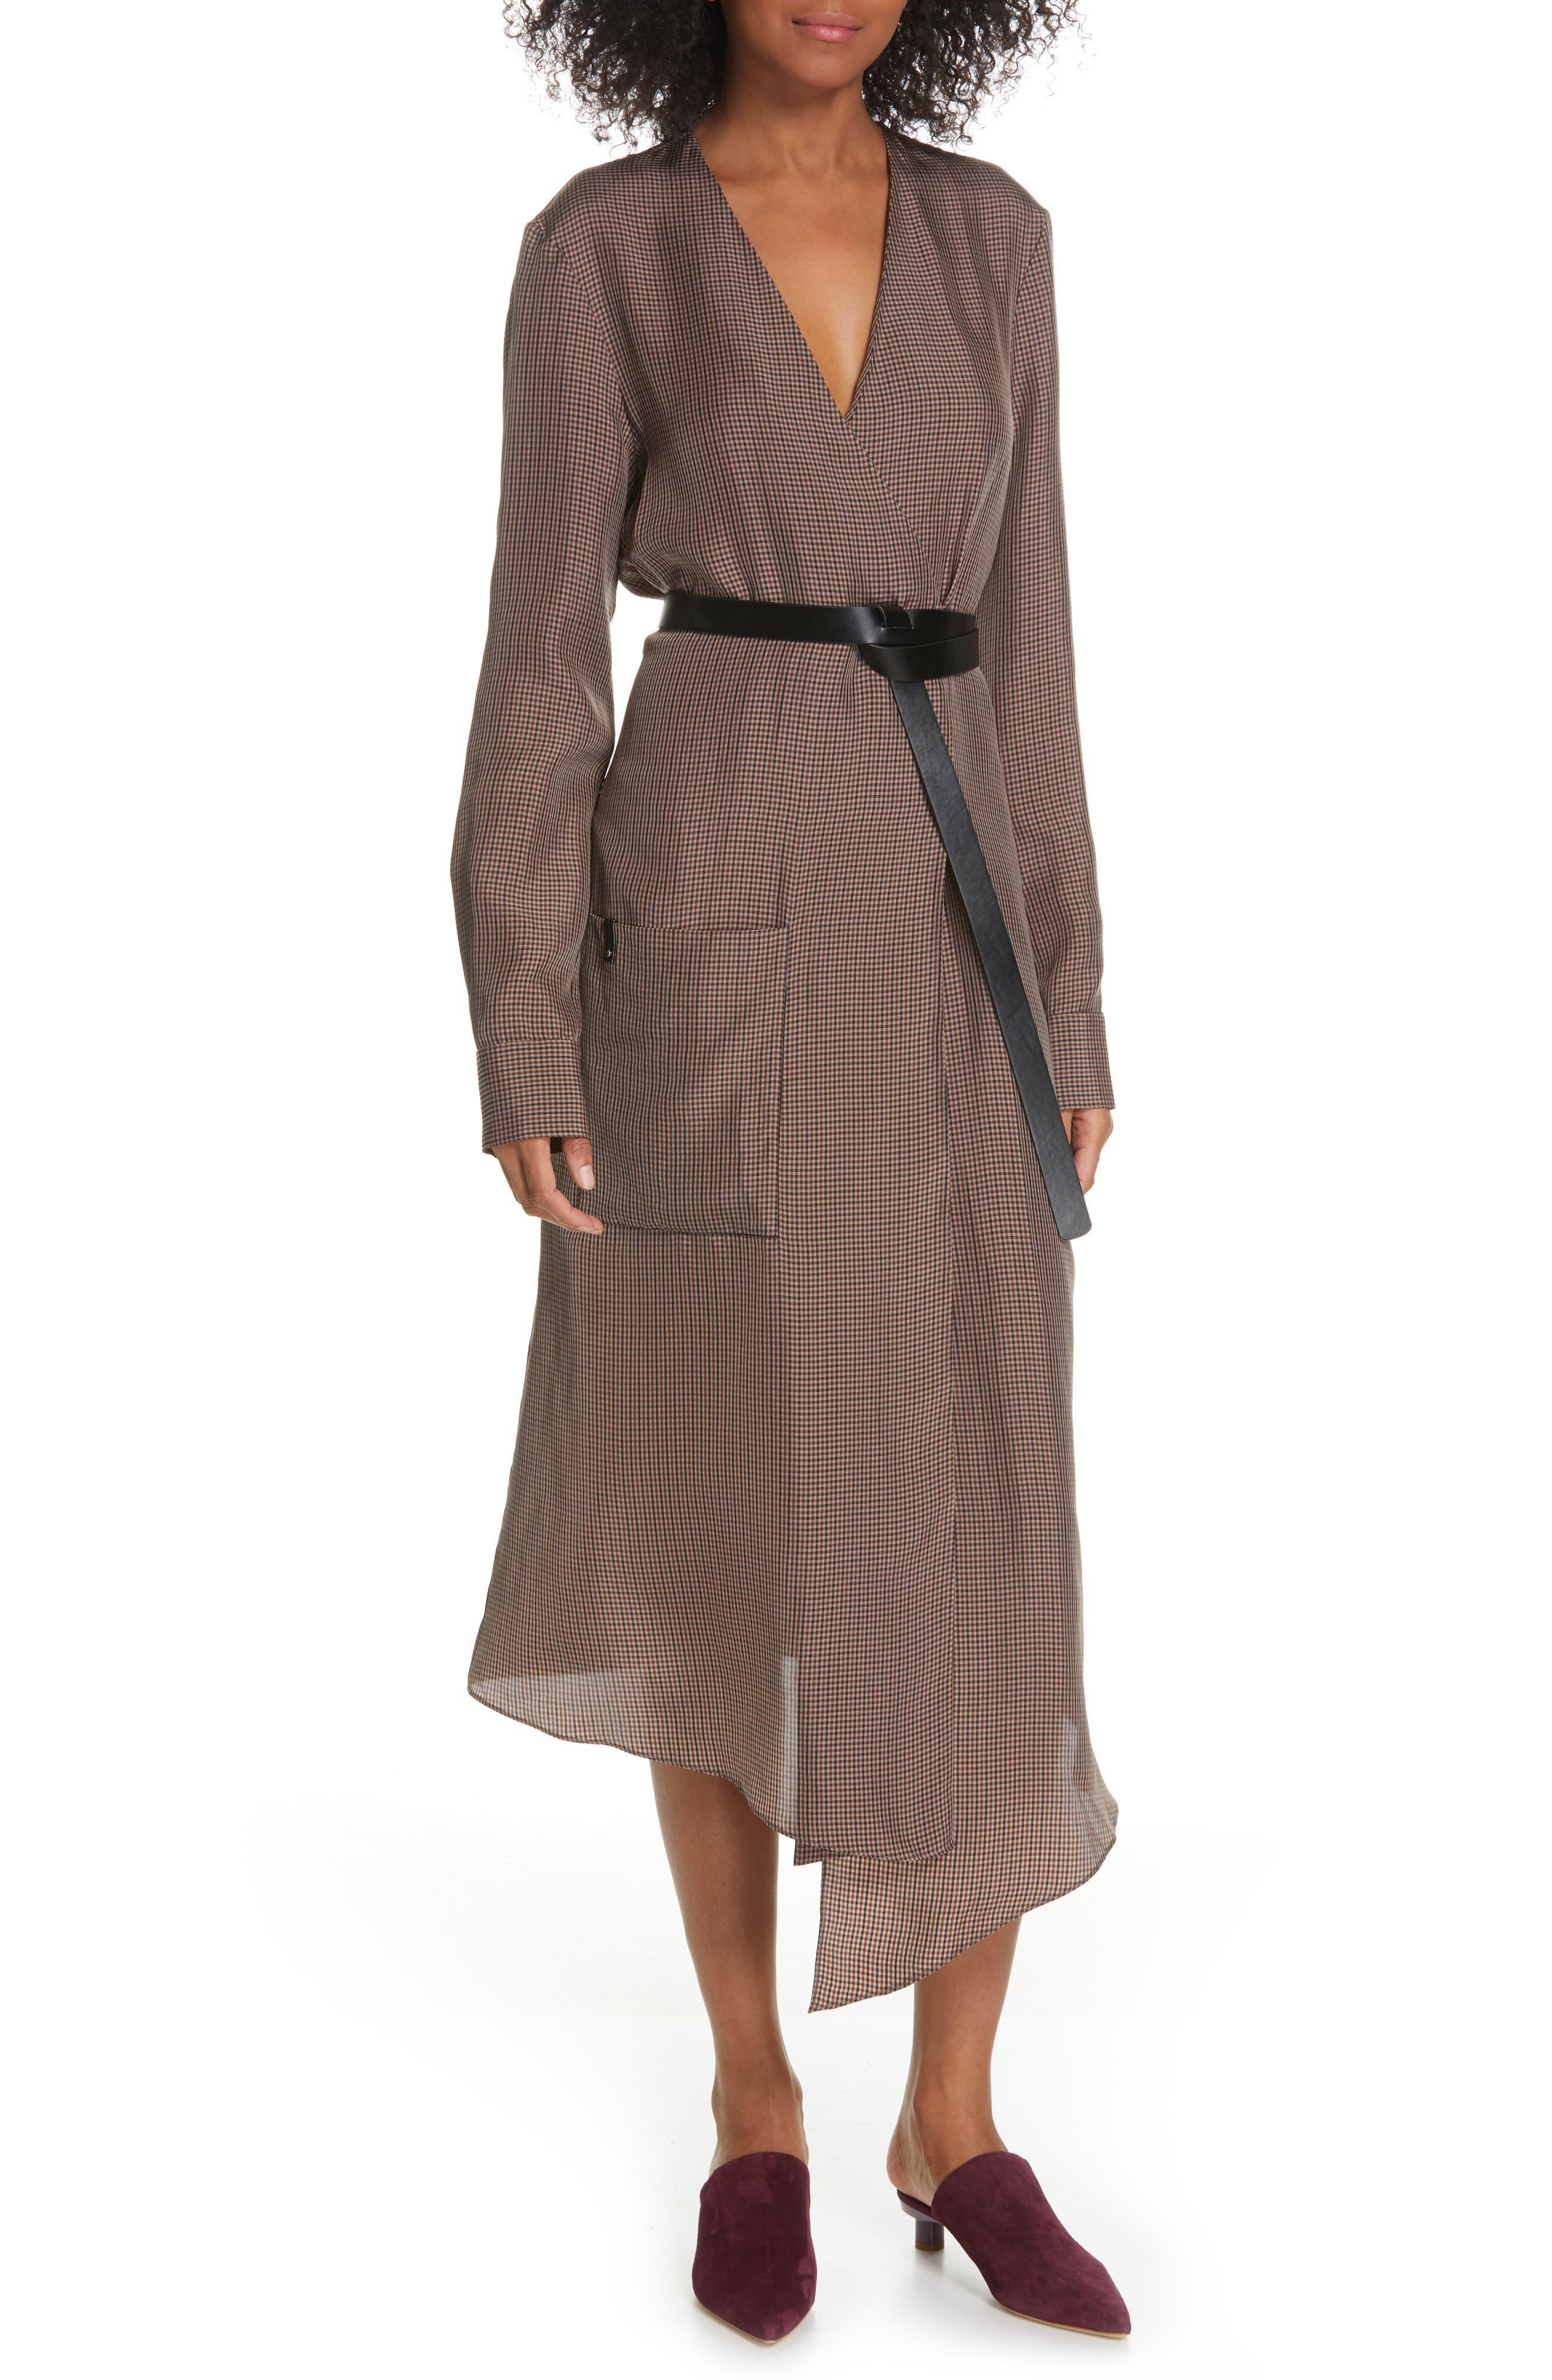 Tibi Dresses